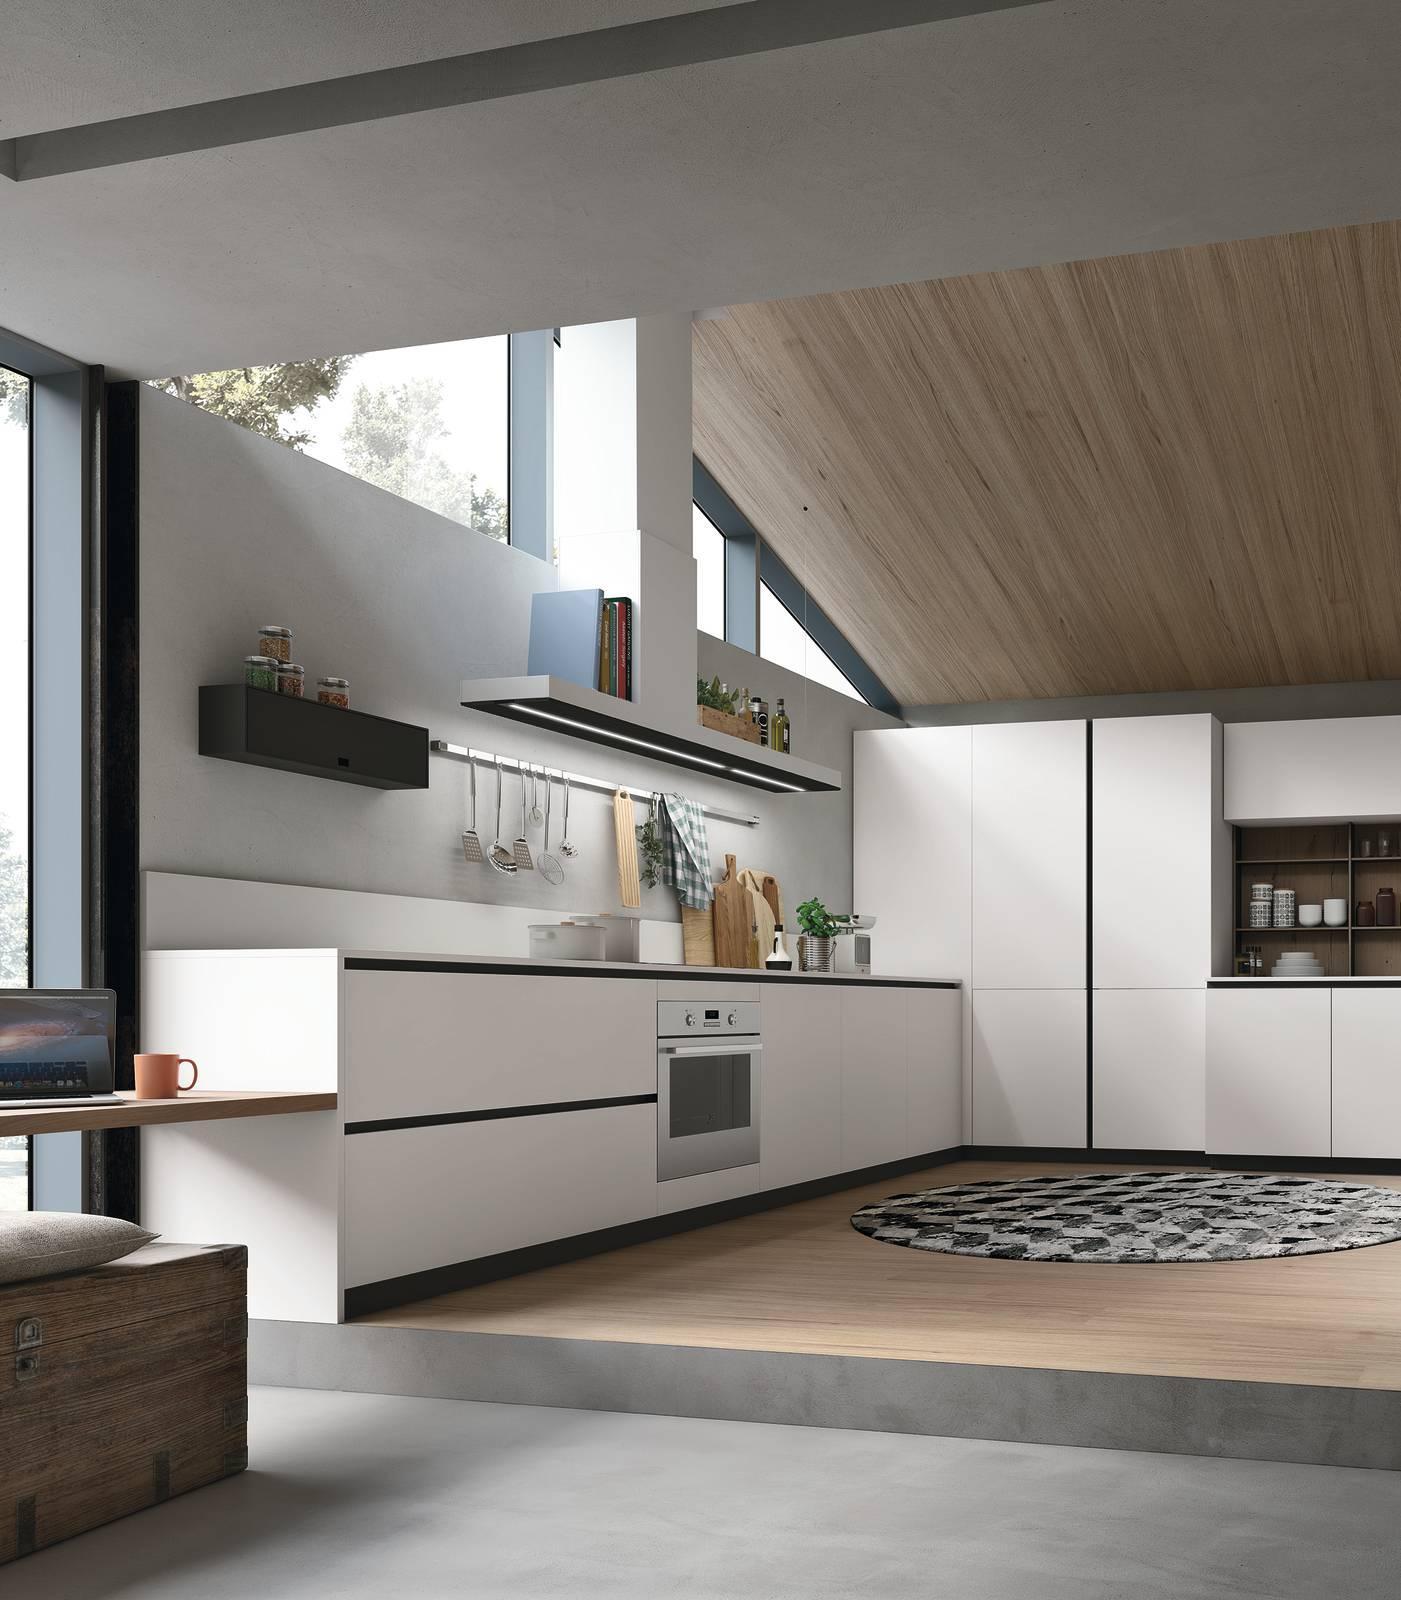 Cucina Moderna Bianca Laccata cucine bianche, best seller di lunga durata. foto modelli